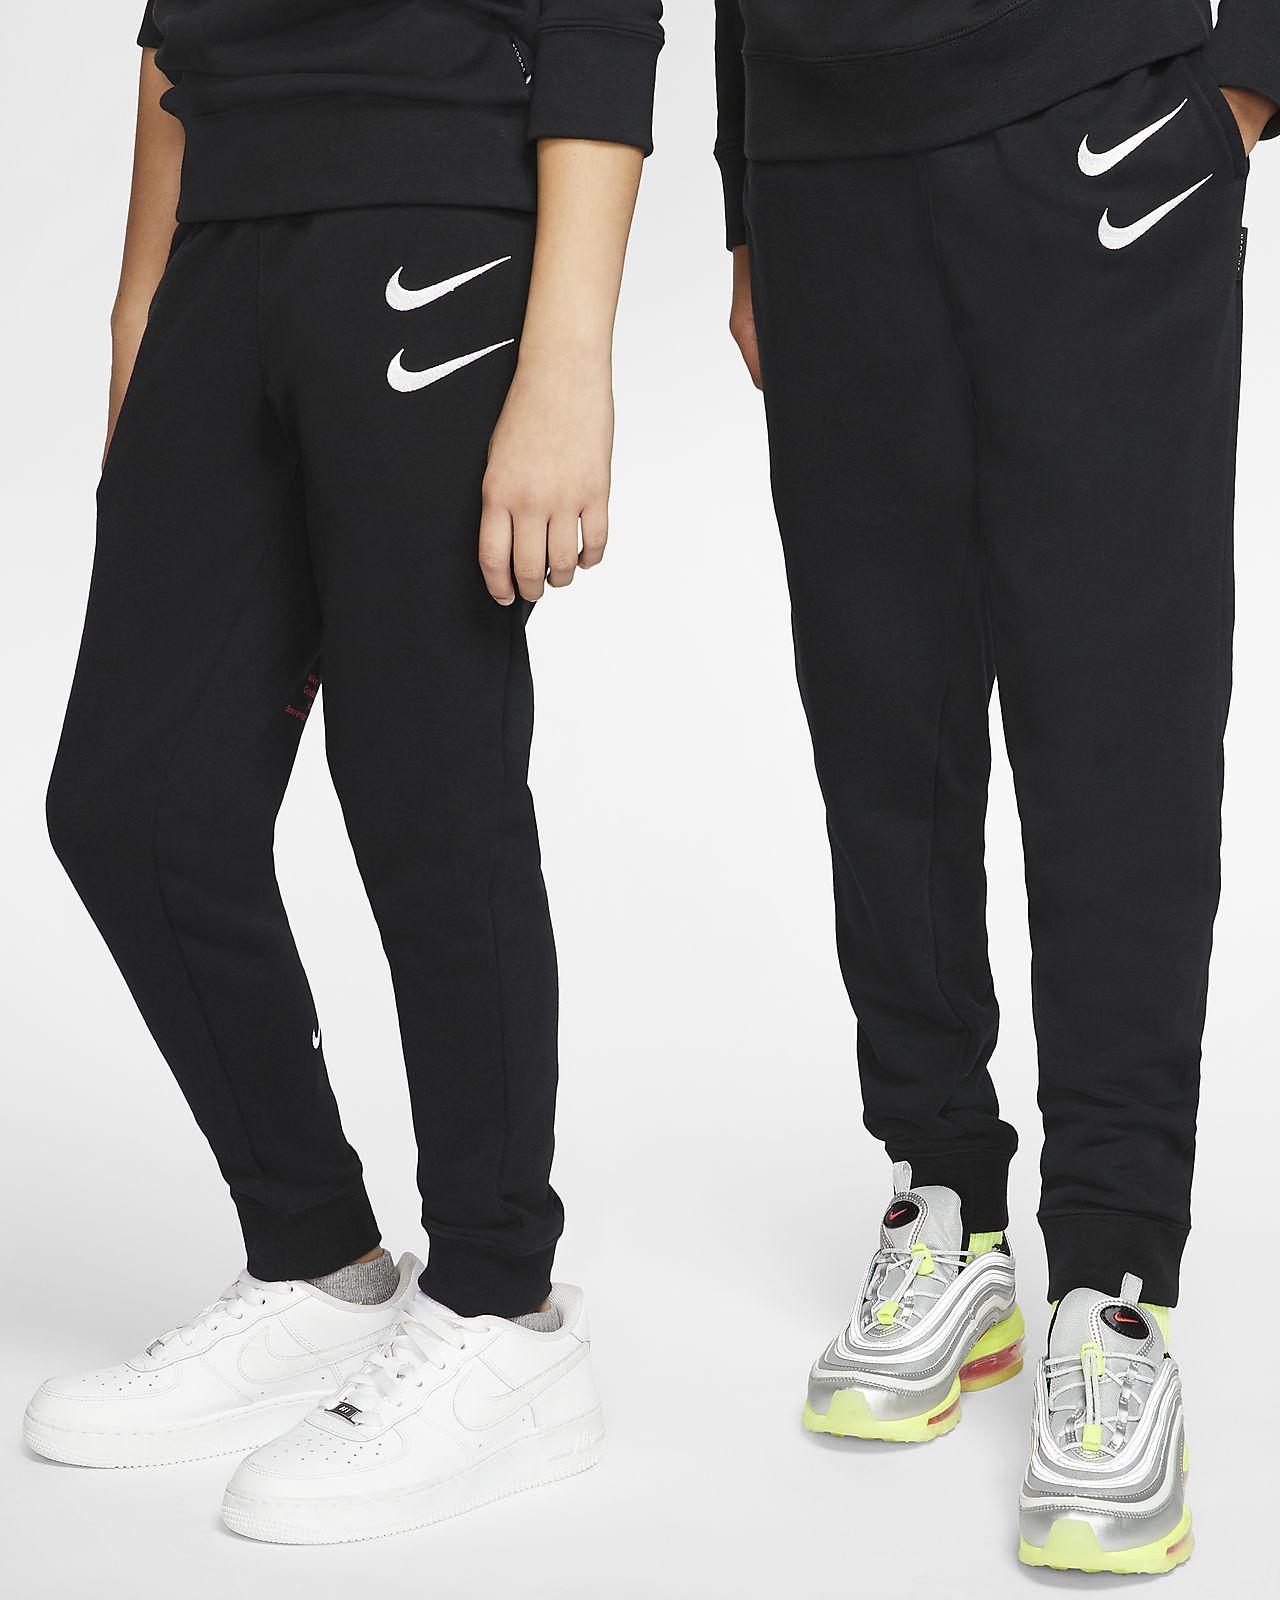 Byxor Nike Sportswear Swoosh för ungdom